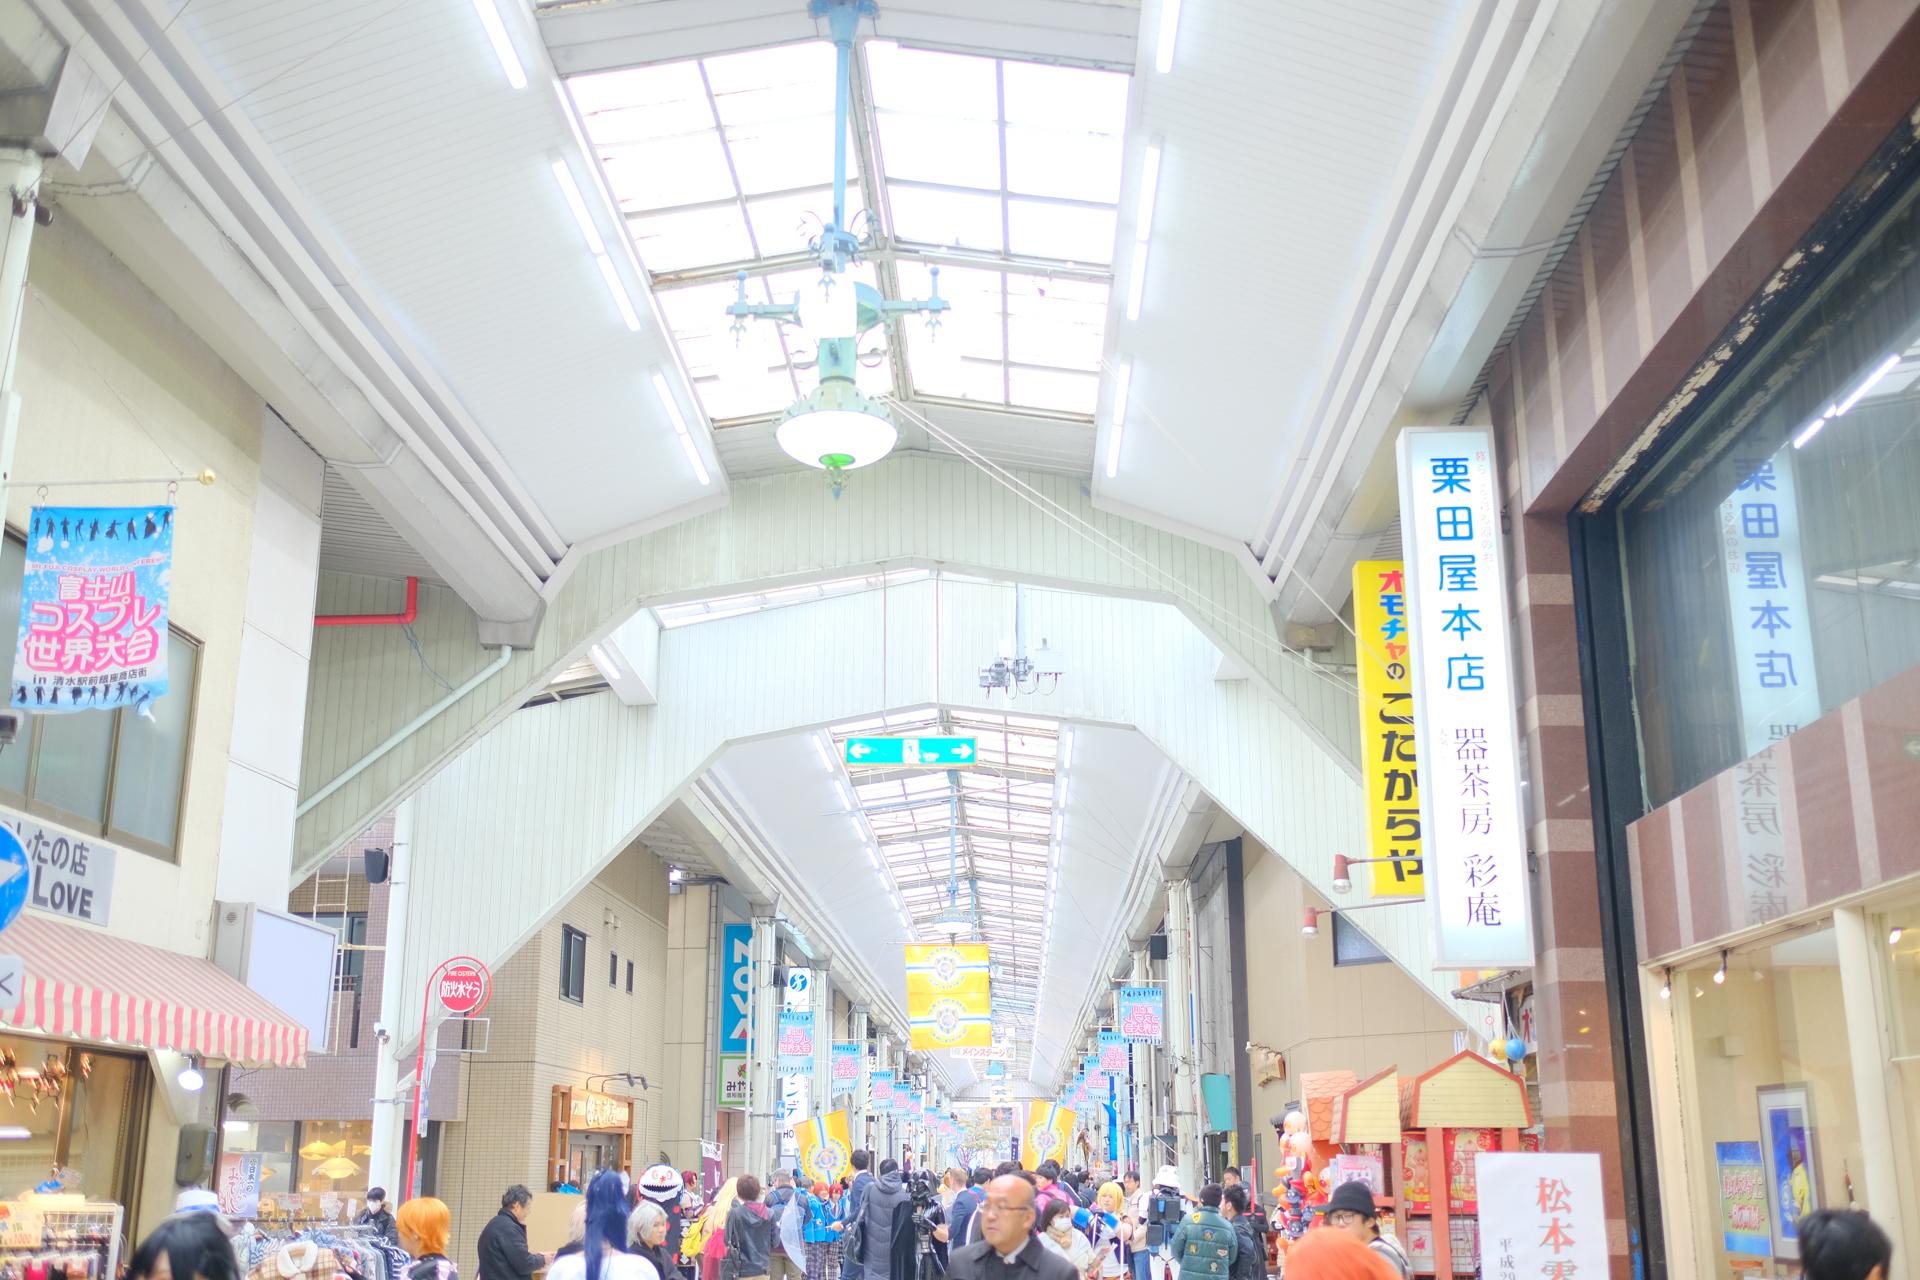 富士山コスプレ世界大会 X-T2+フジノンレンズ XF23mmF1.4 R